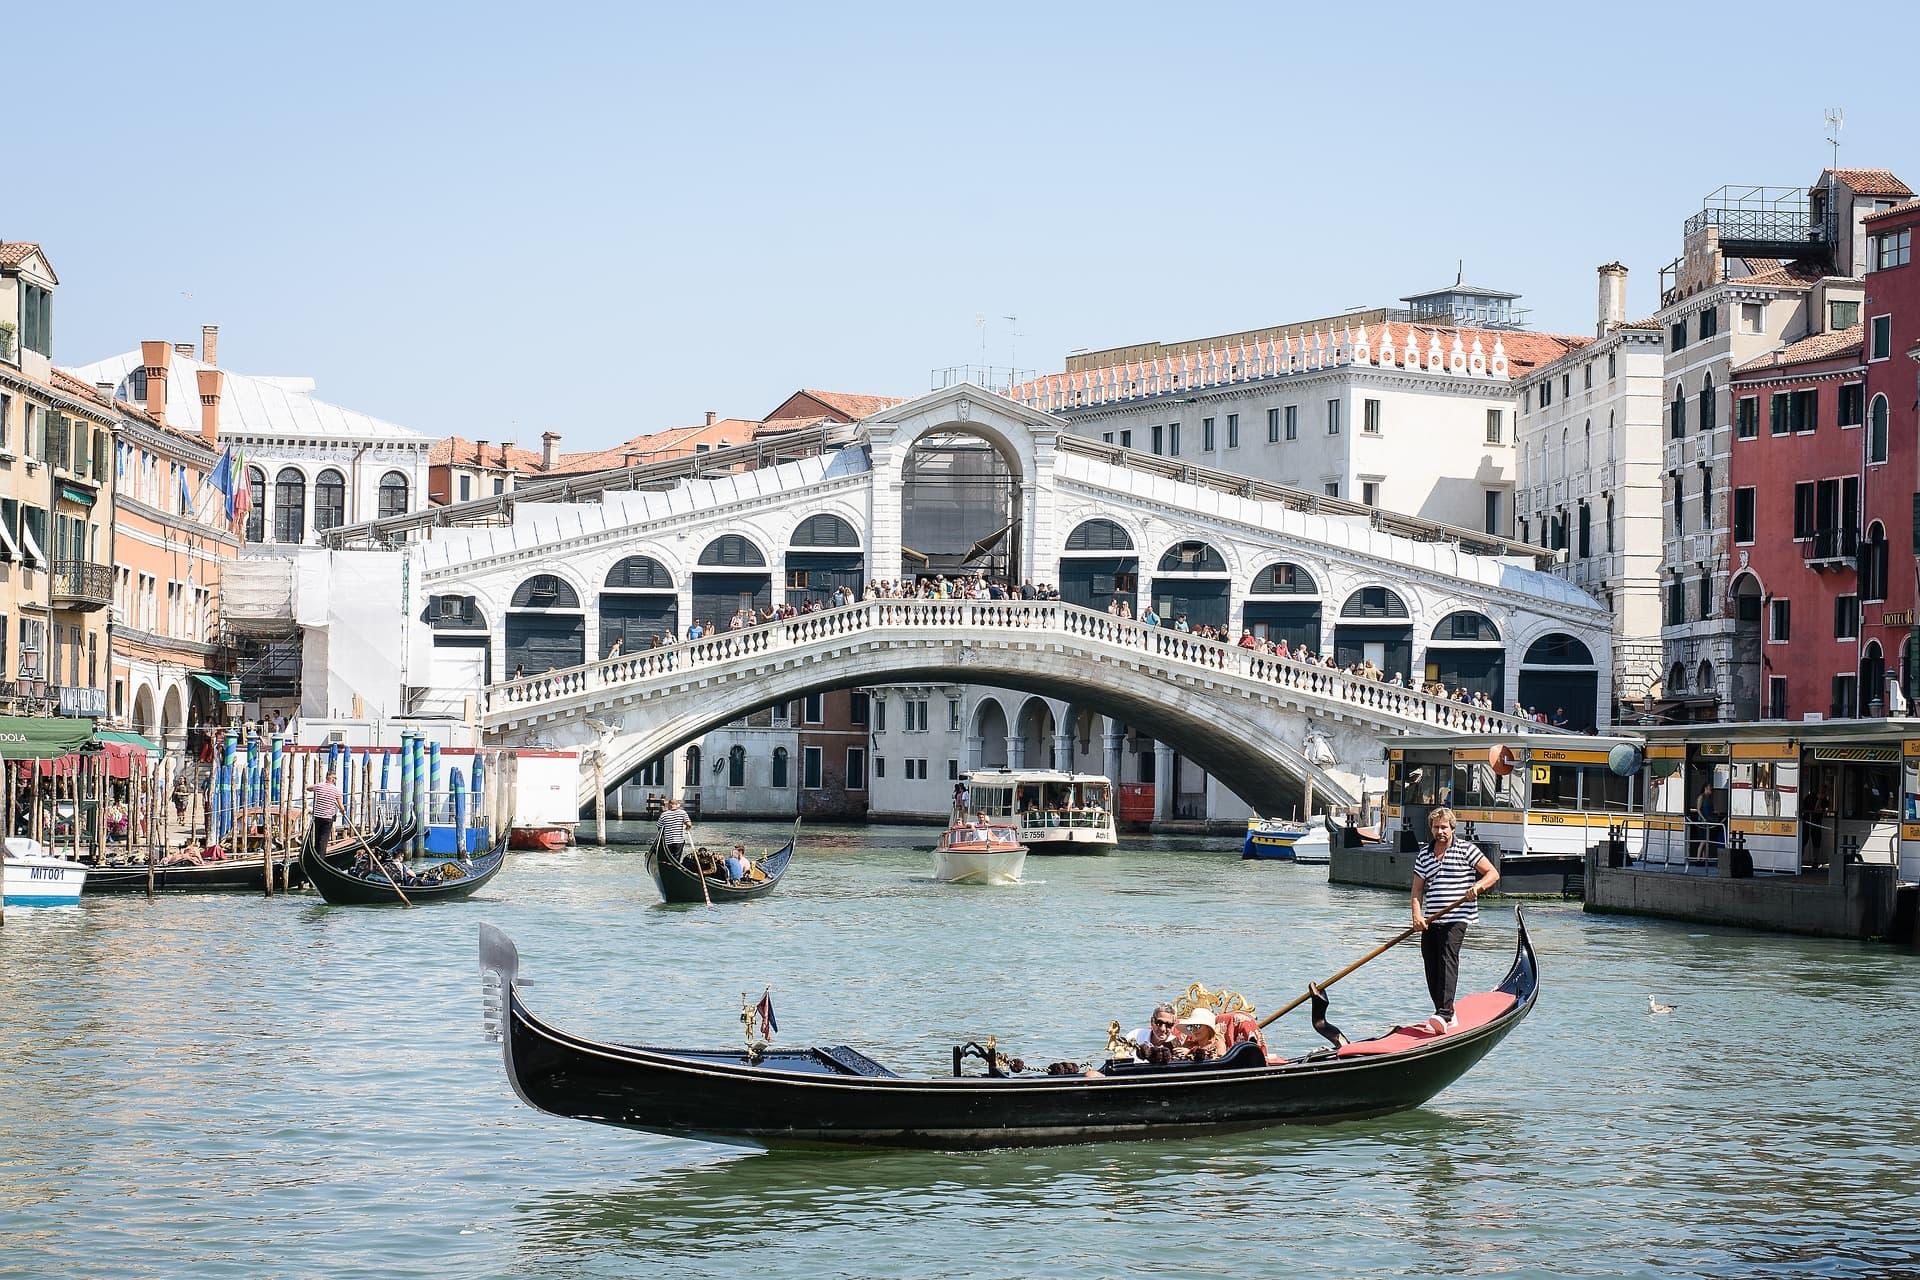 המדריך השלם לאתרים ואטרקציות בונציה